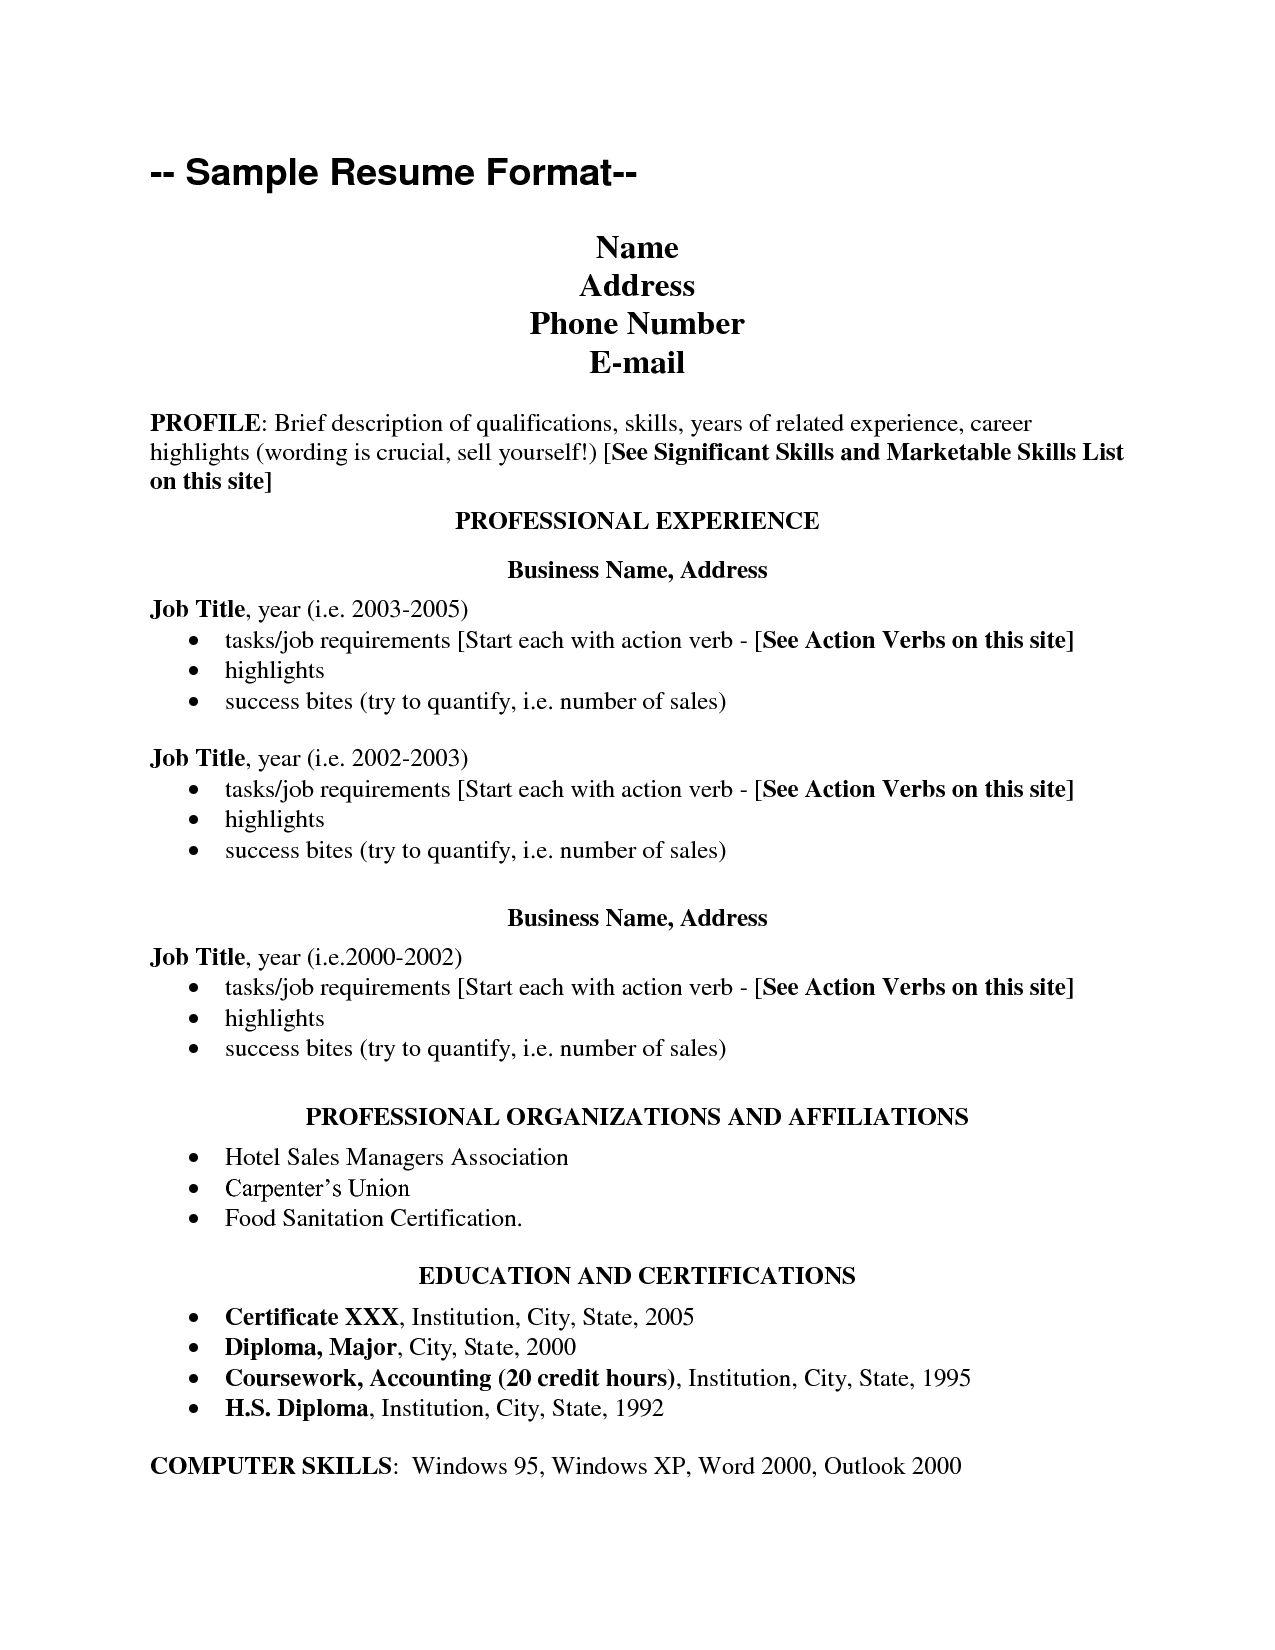 Skills List For Resume Resume Cover Letter Template Resume